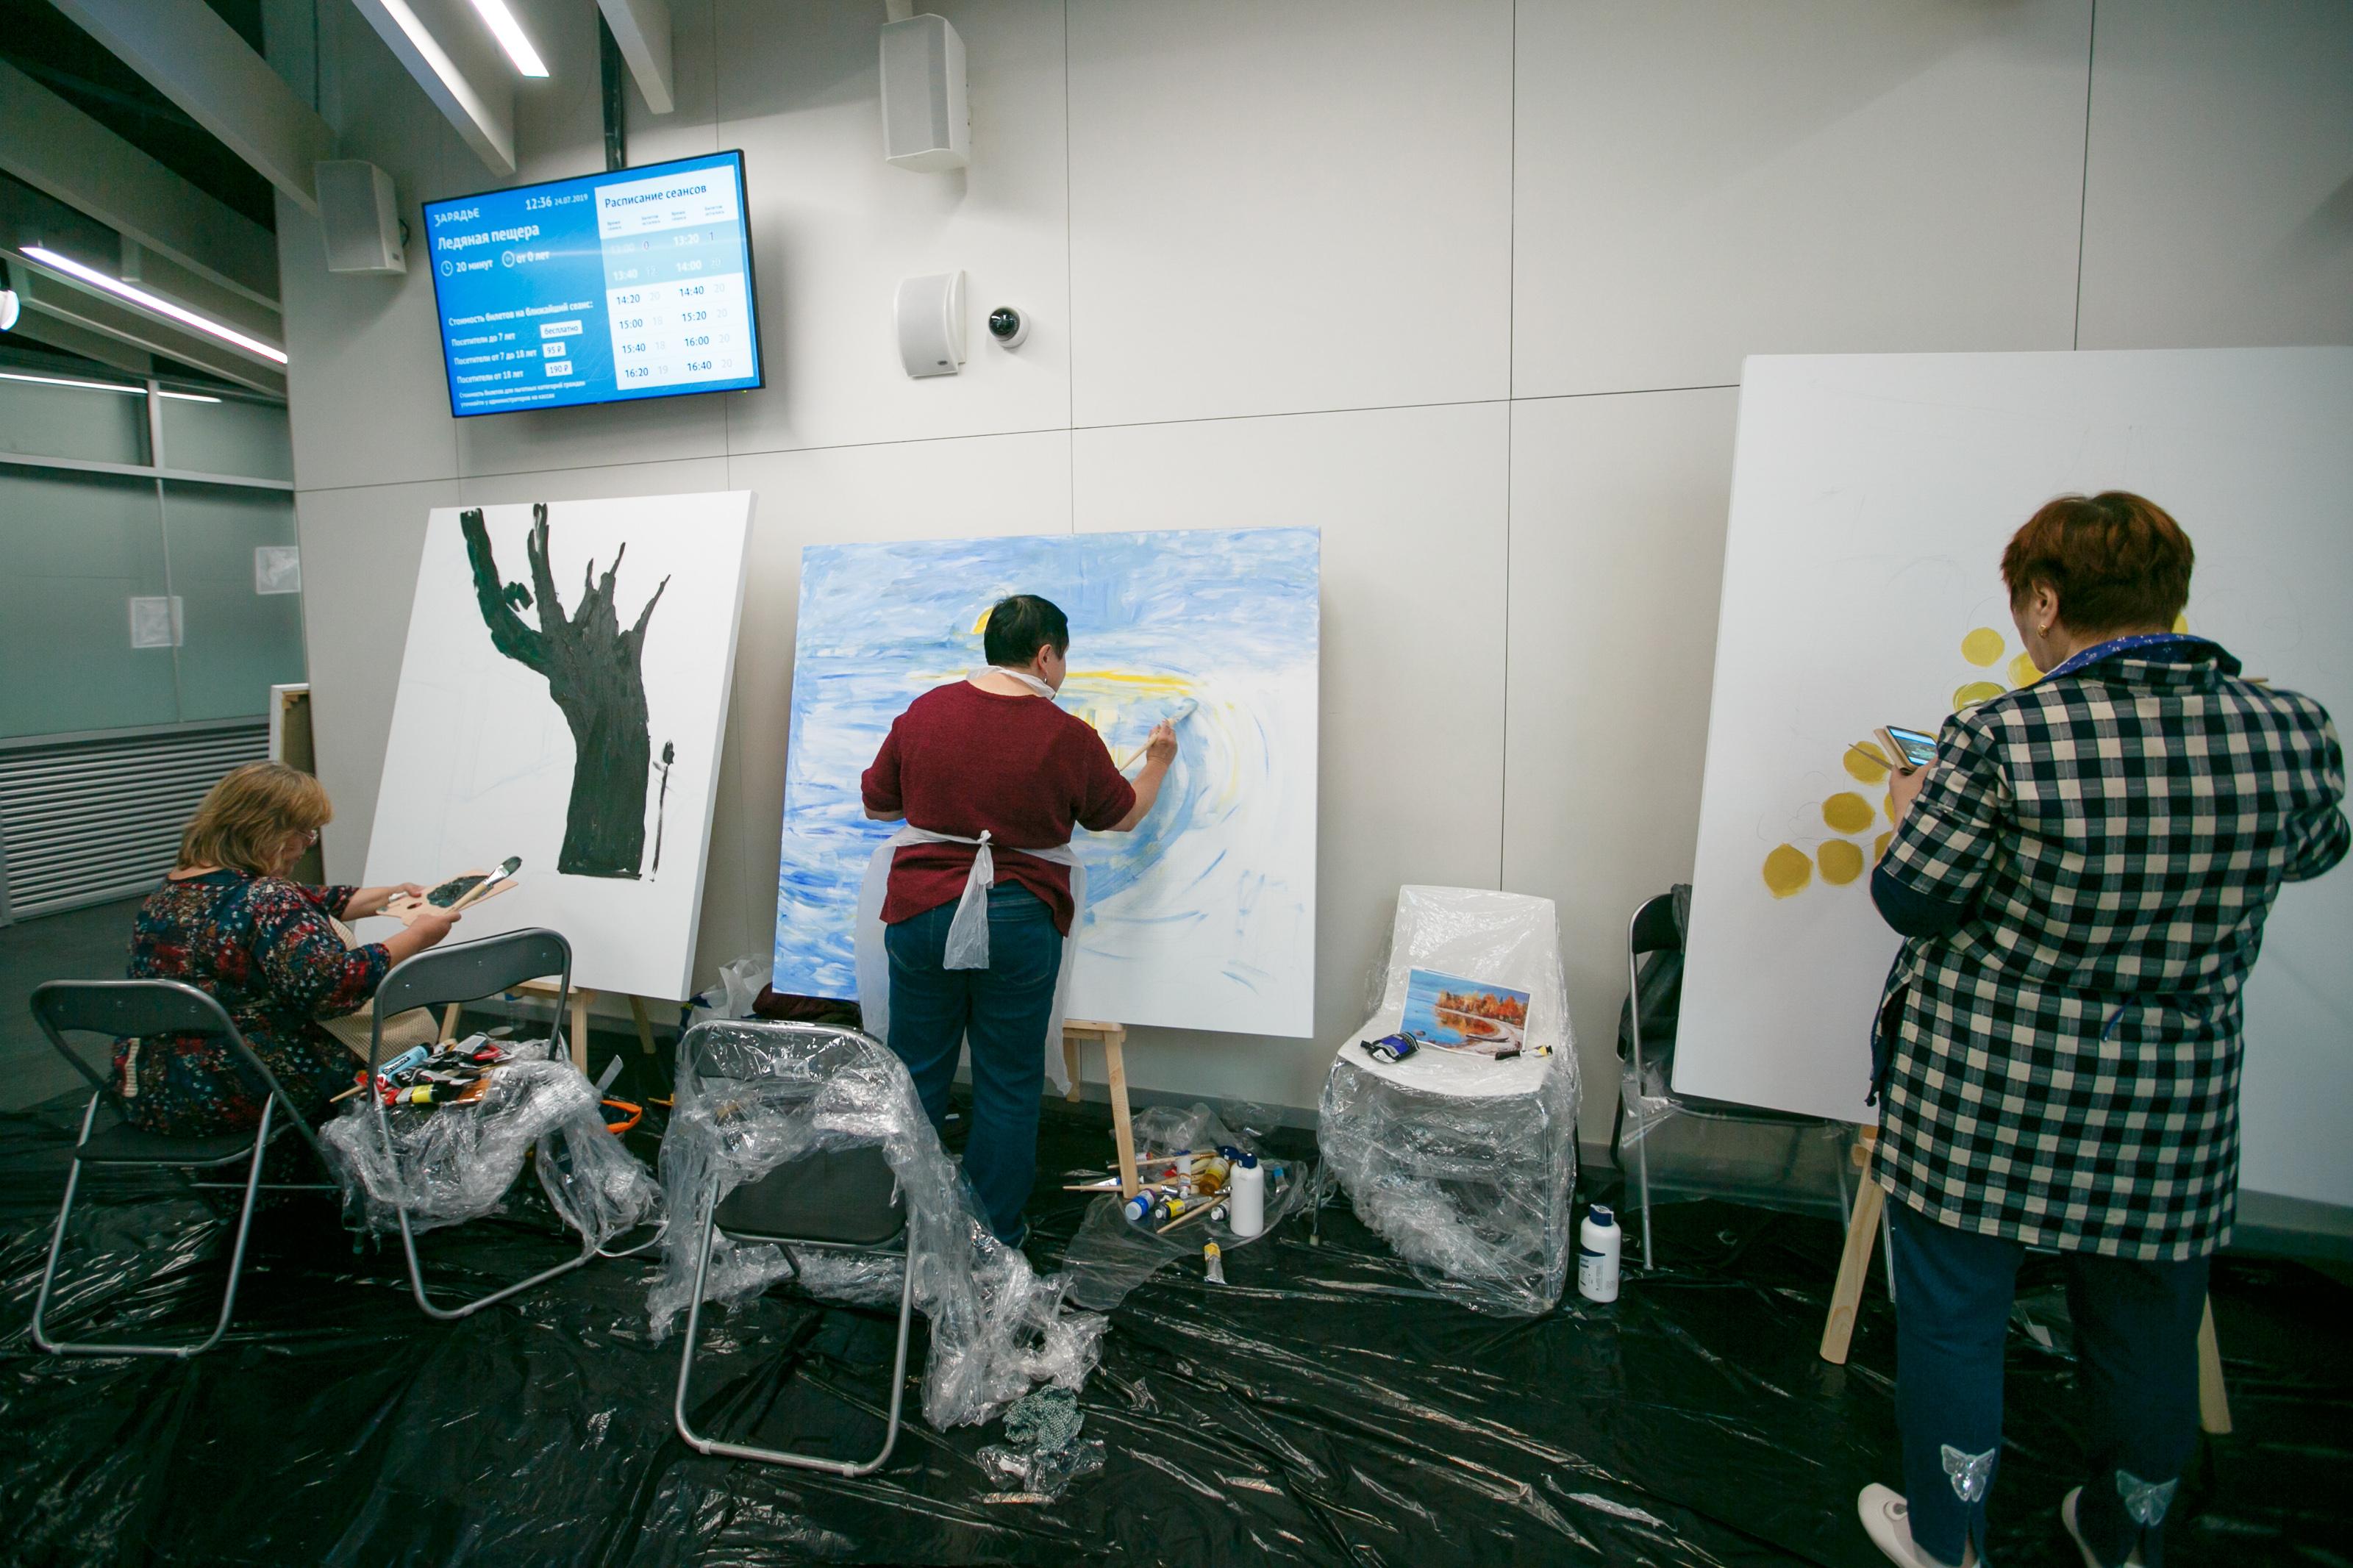 Творческие работы участников «Московского долголетия» покажут в «Зарядье». Фото: пресс-служба префектуры ЦАО